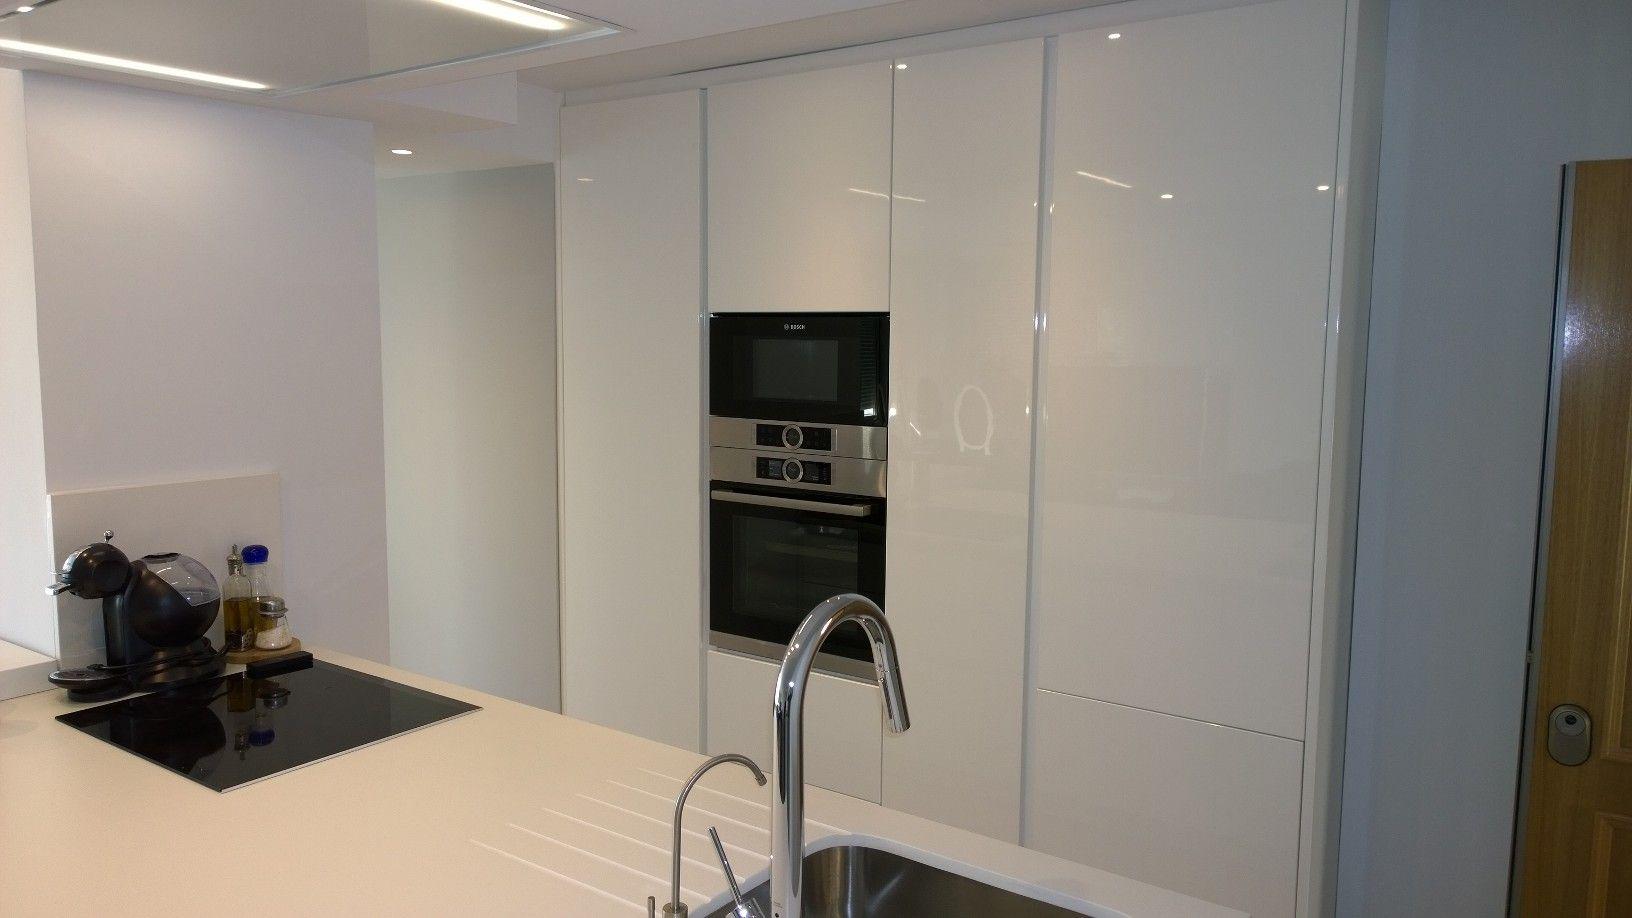 Cocina de 2a kutchen modelo nua lacado blanco brillo for Cocina con electrodomesticos